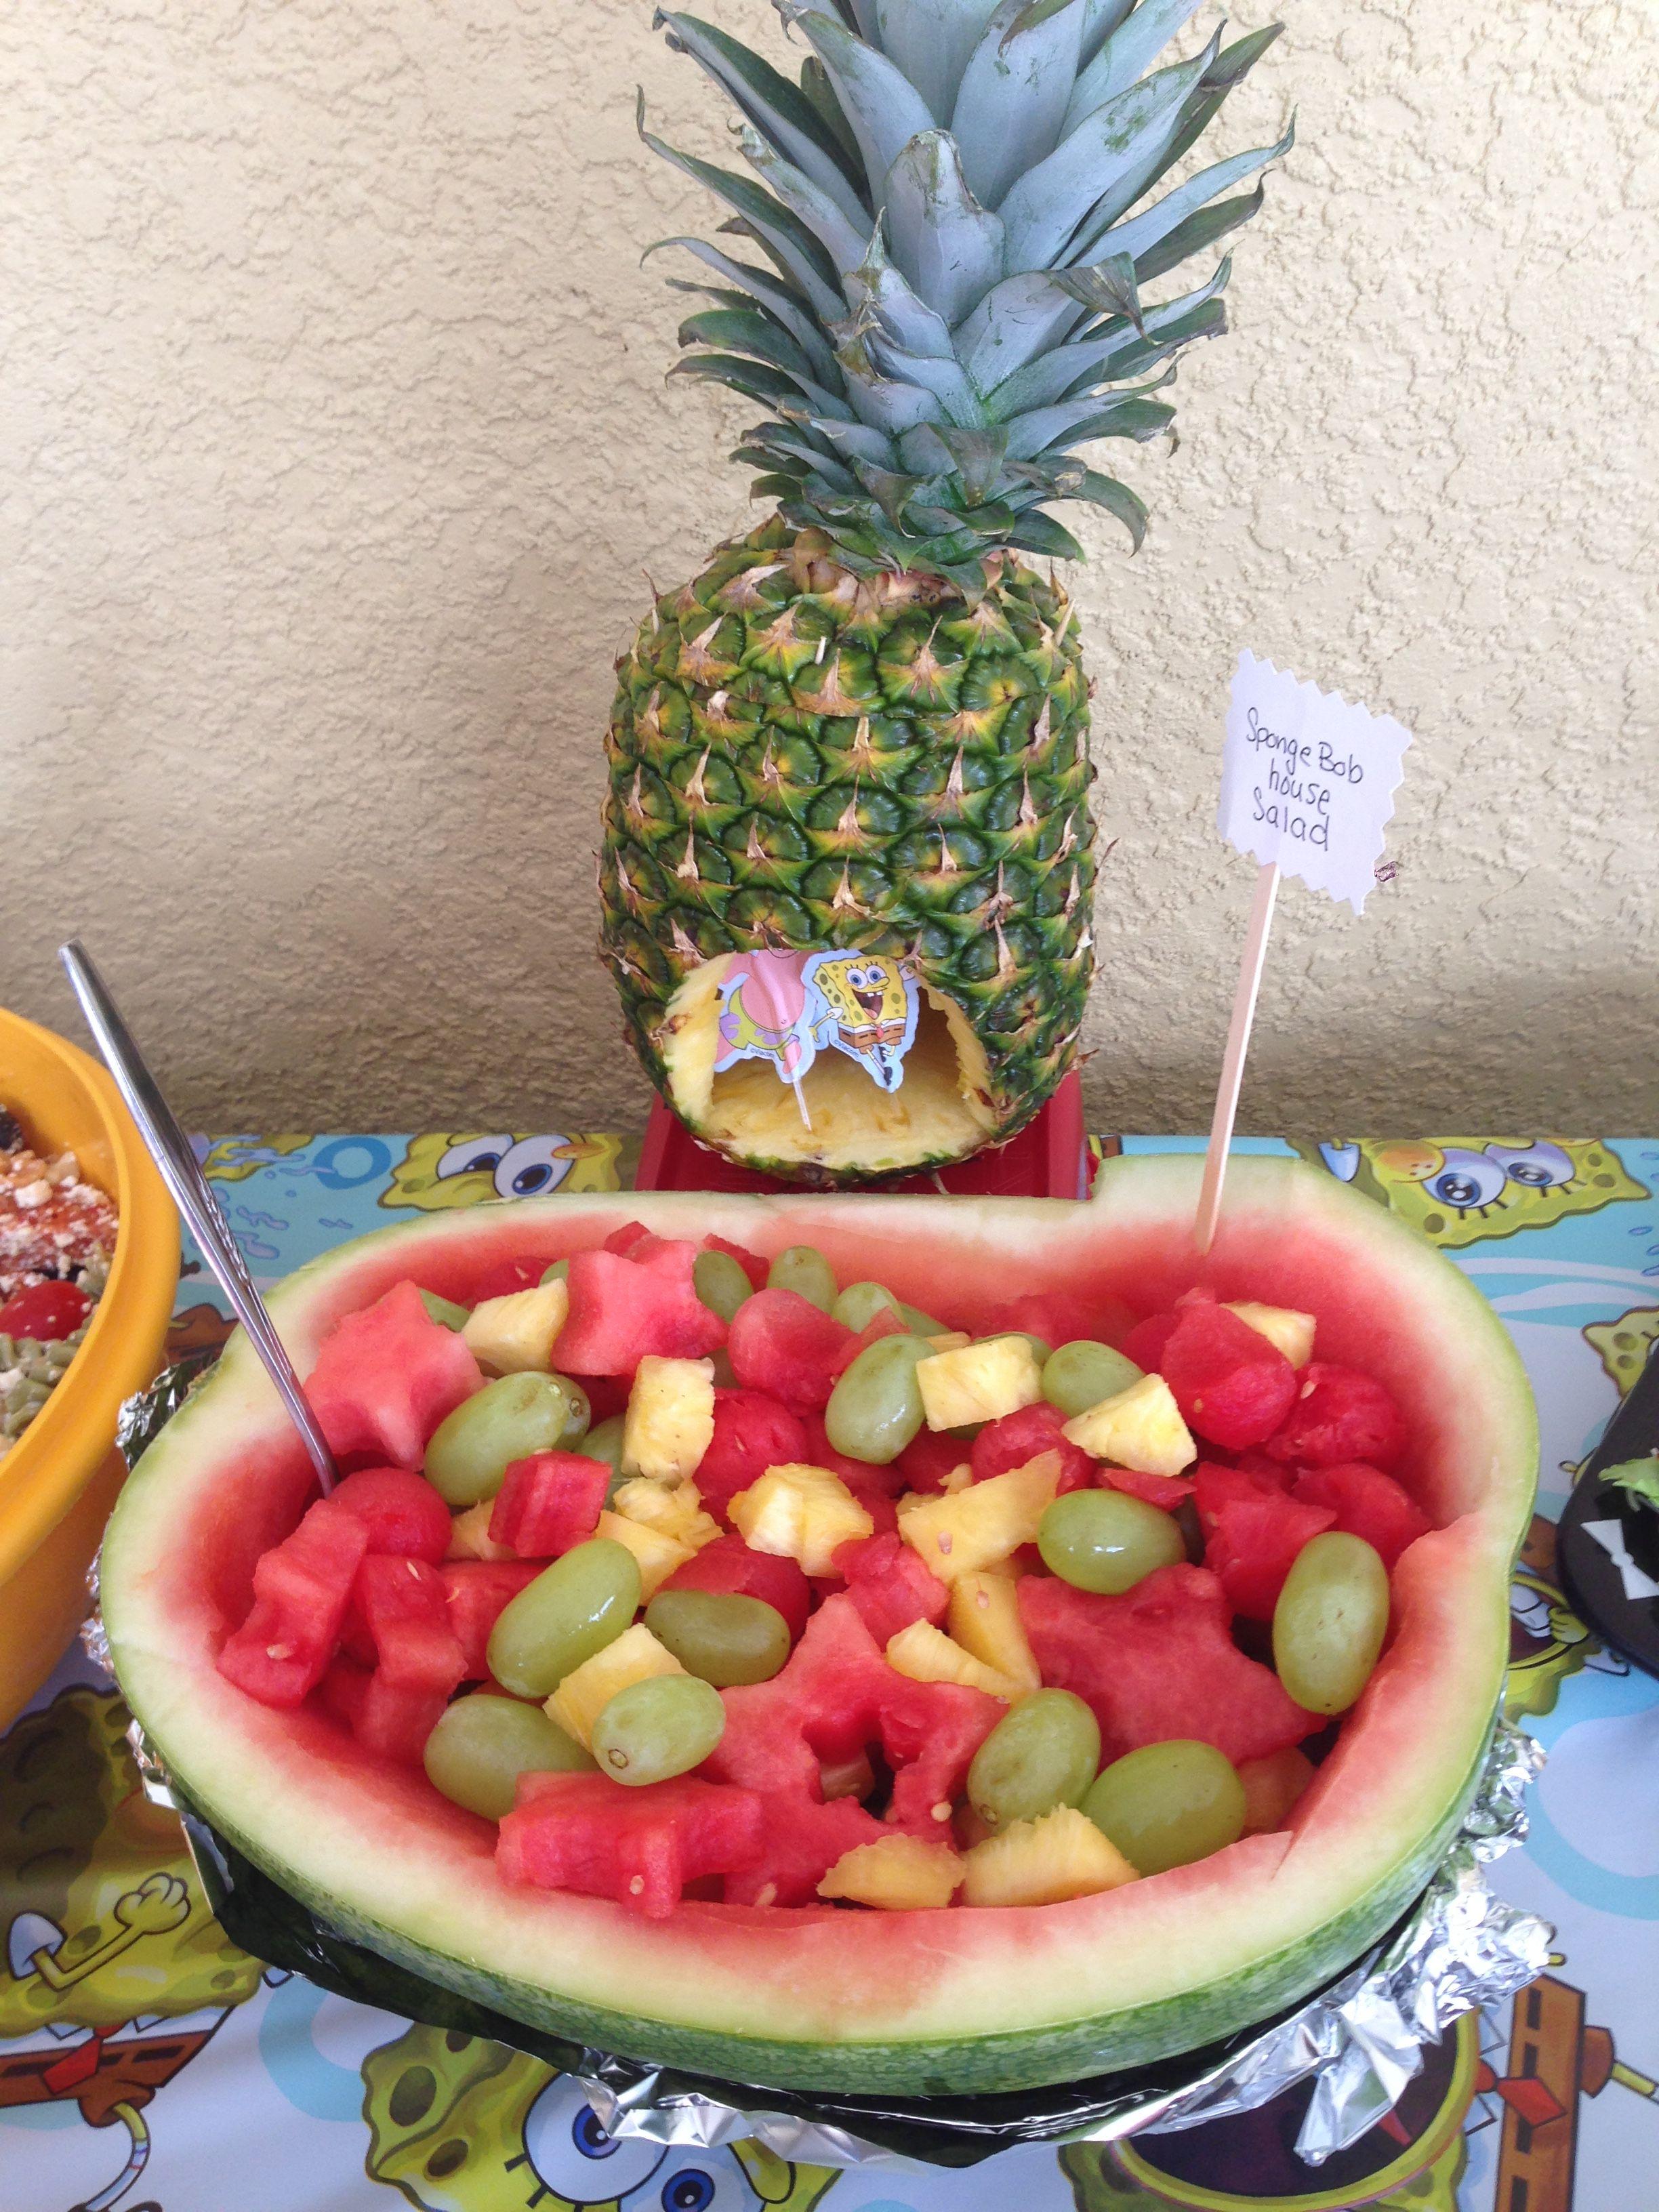 Pin by Kathy Hlinka on SpongeBob birthday party   Pinterest